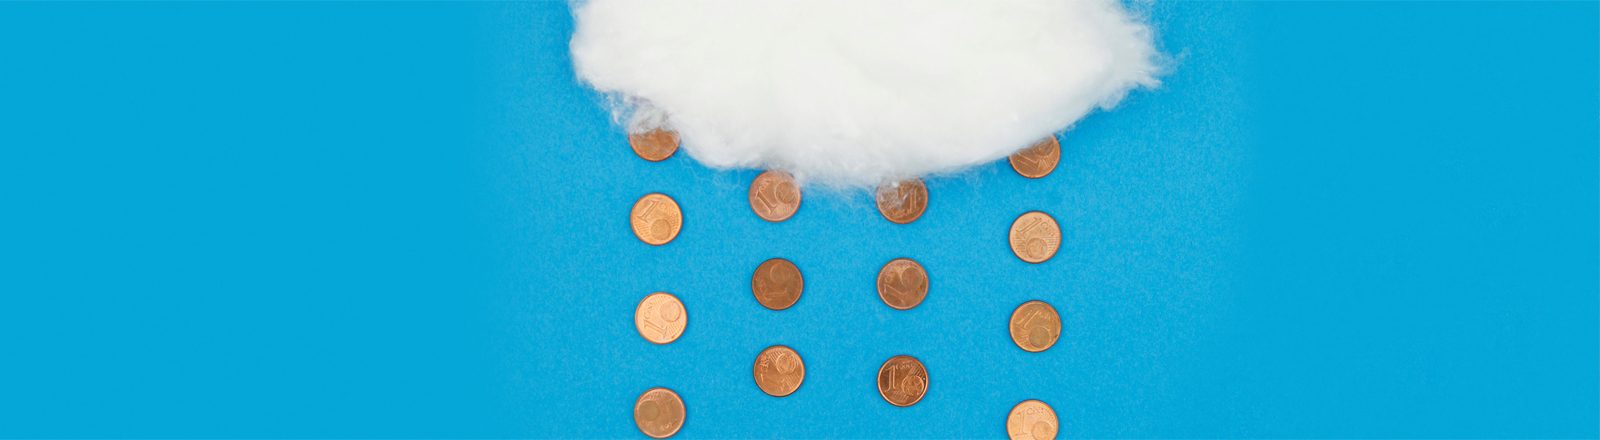 Aus einer Wolke fallen Cent-Münzen